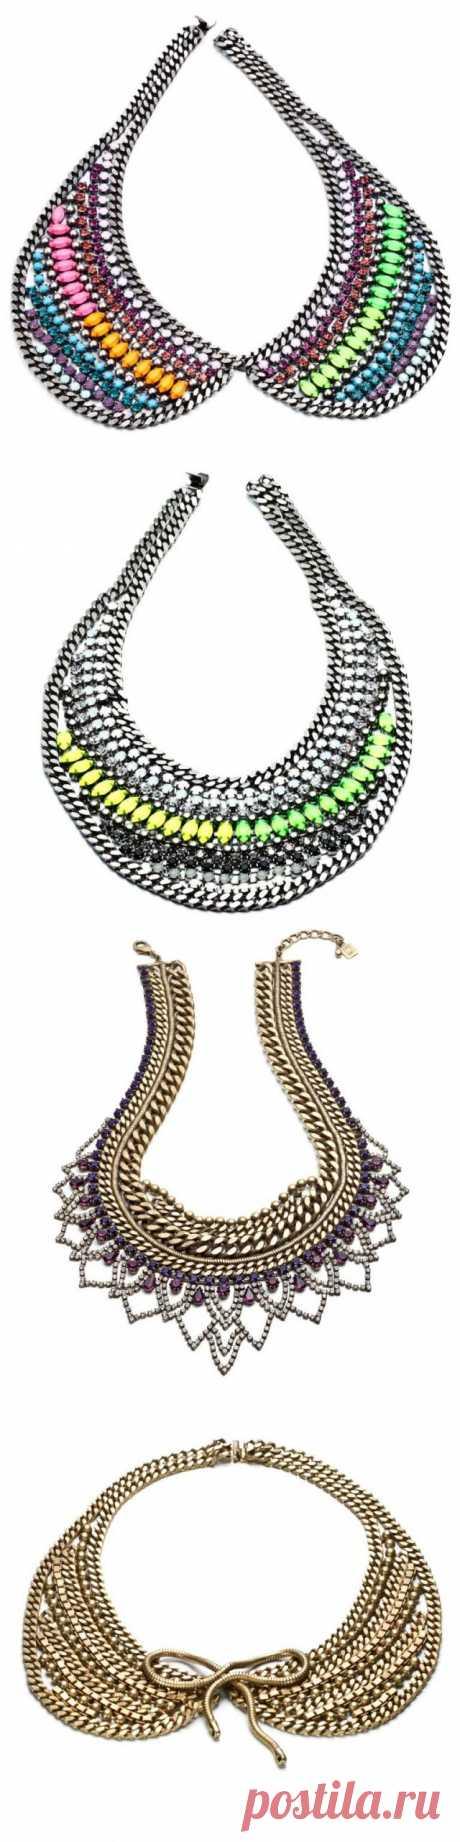 Воротнички из цепей / Ювелирные украшения / Модный сайт о стильной переделке одежды и интерьера